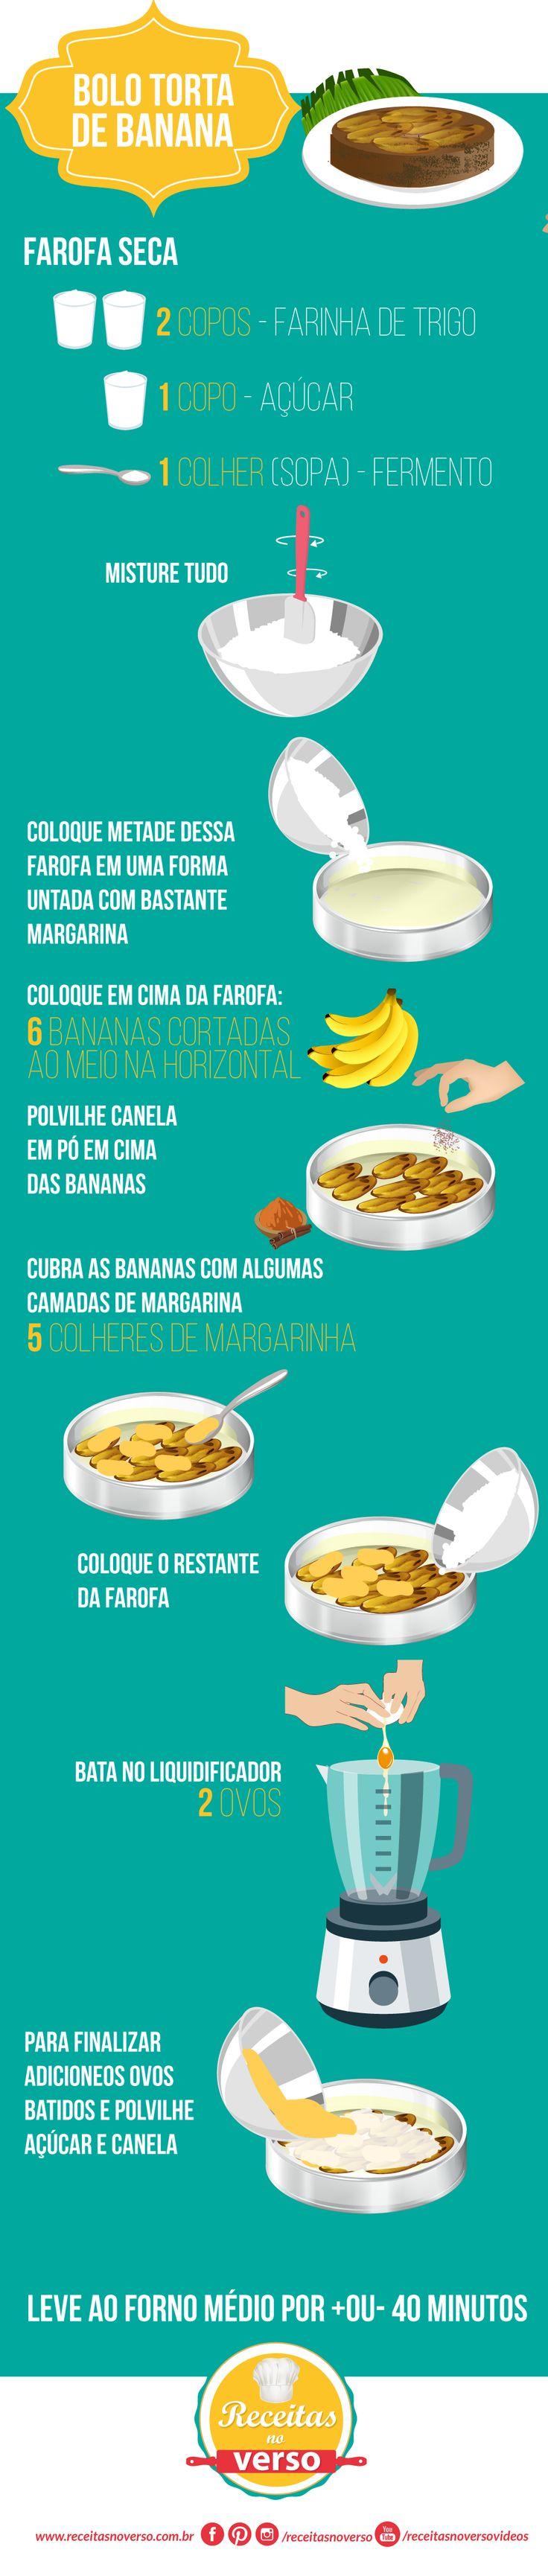 BOLO TORTA DE BANANA                                                                                                                                                                                 Mais